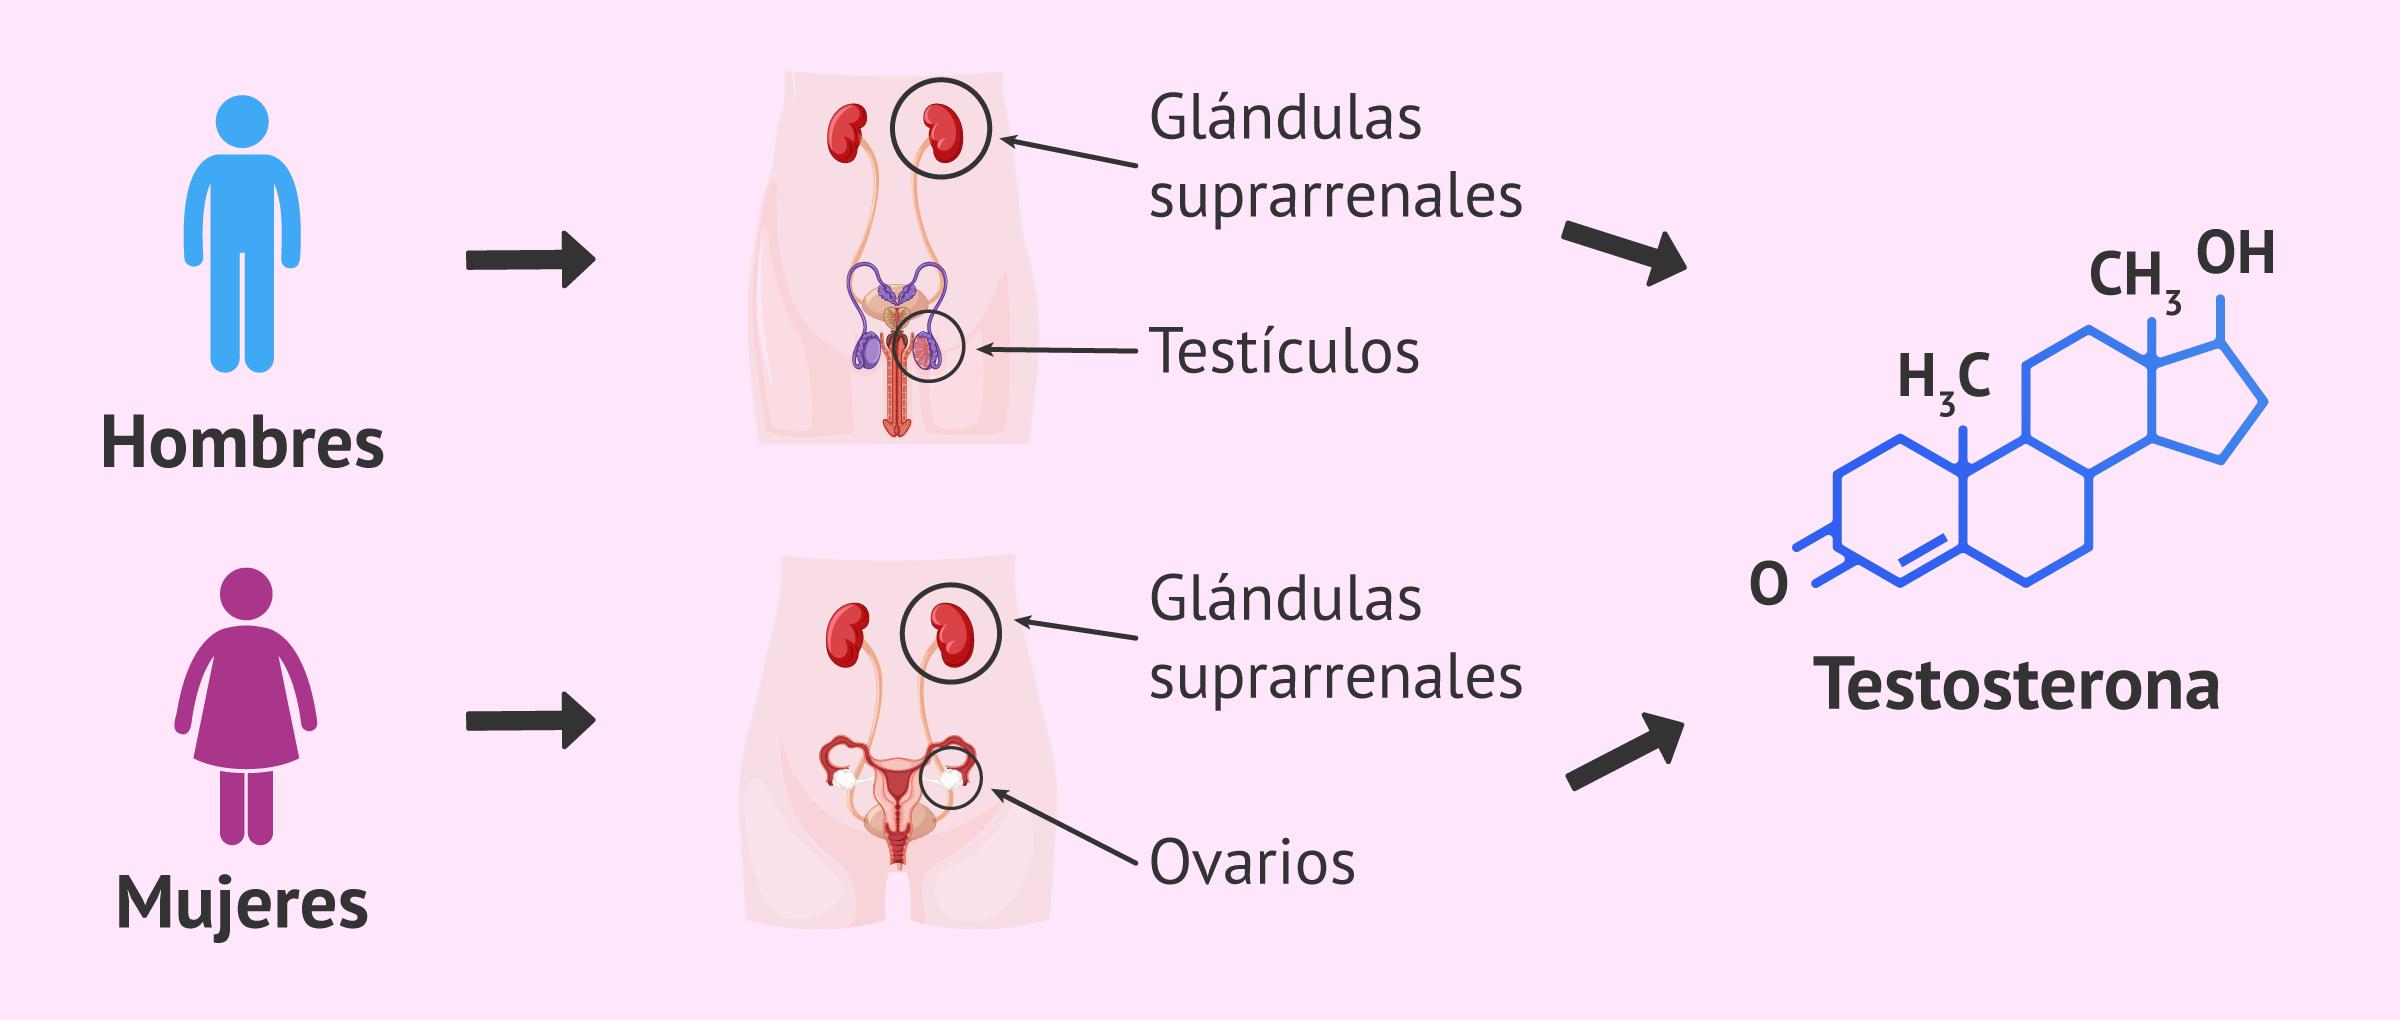 Formación de la testosterona